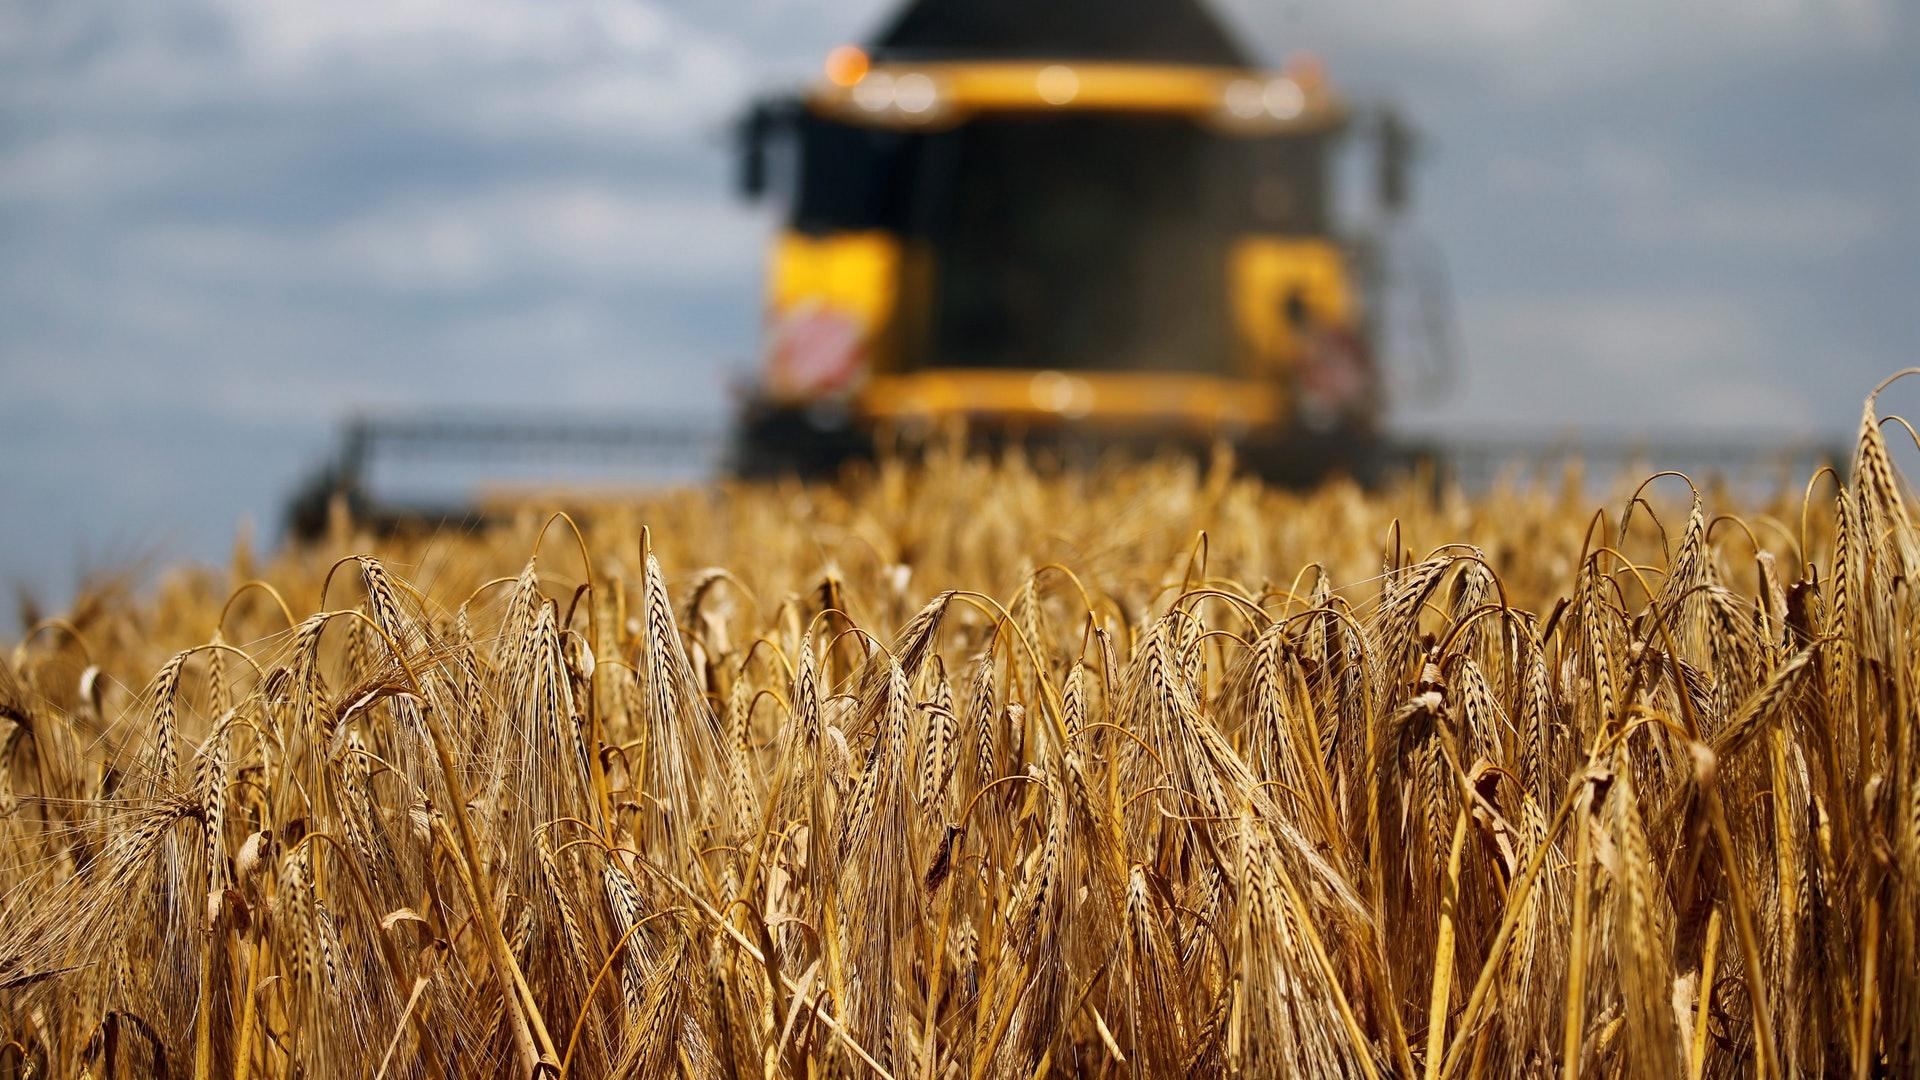 2020年5月19日起,澳洲對華出口的大麥將面臨高達80.5%的關稅,貿易總規模達10億美元。(Reuters)